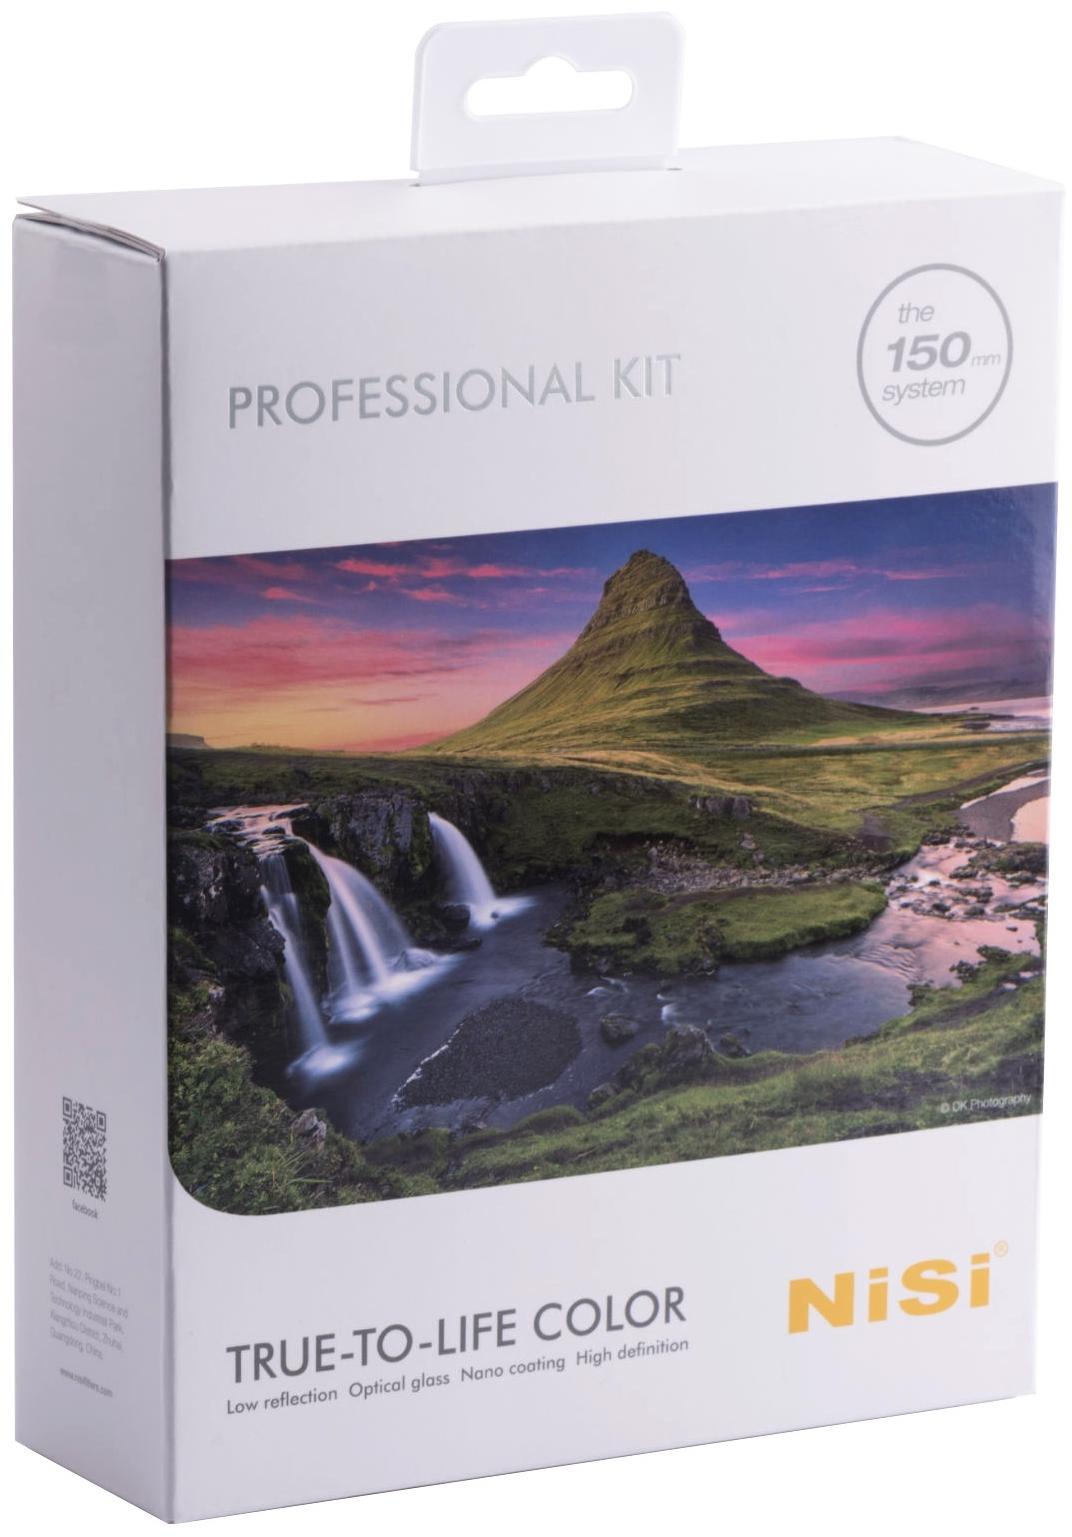 NISI sada filtrů Profesional Kit pro 150 mm systém